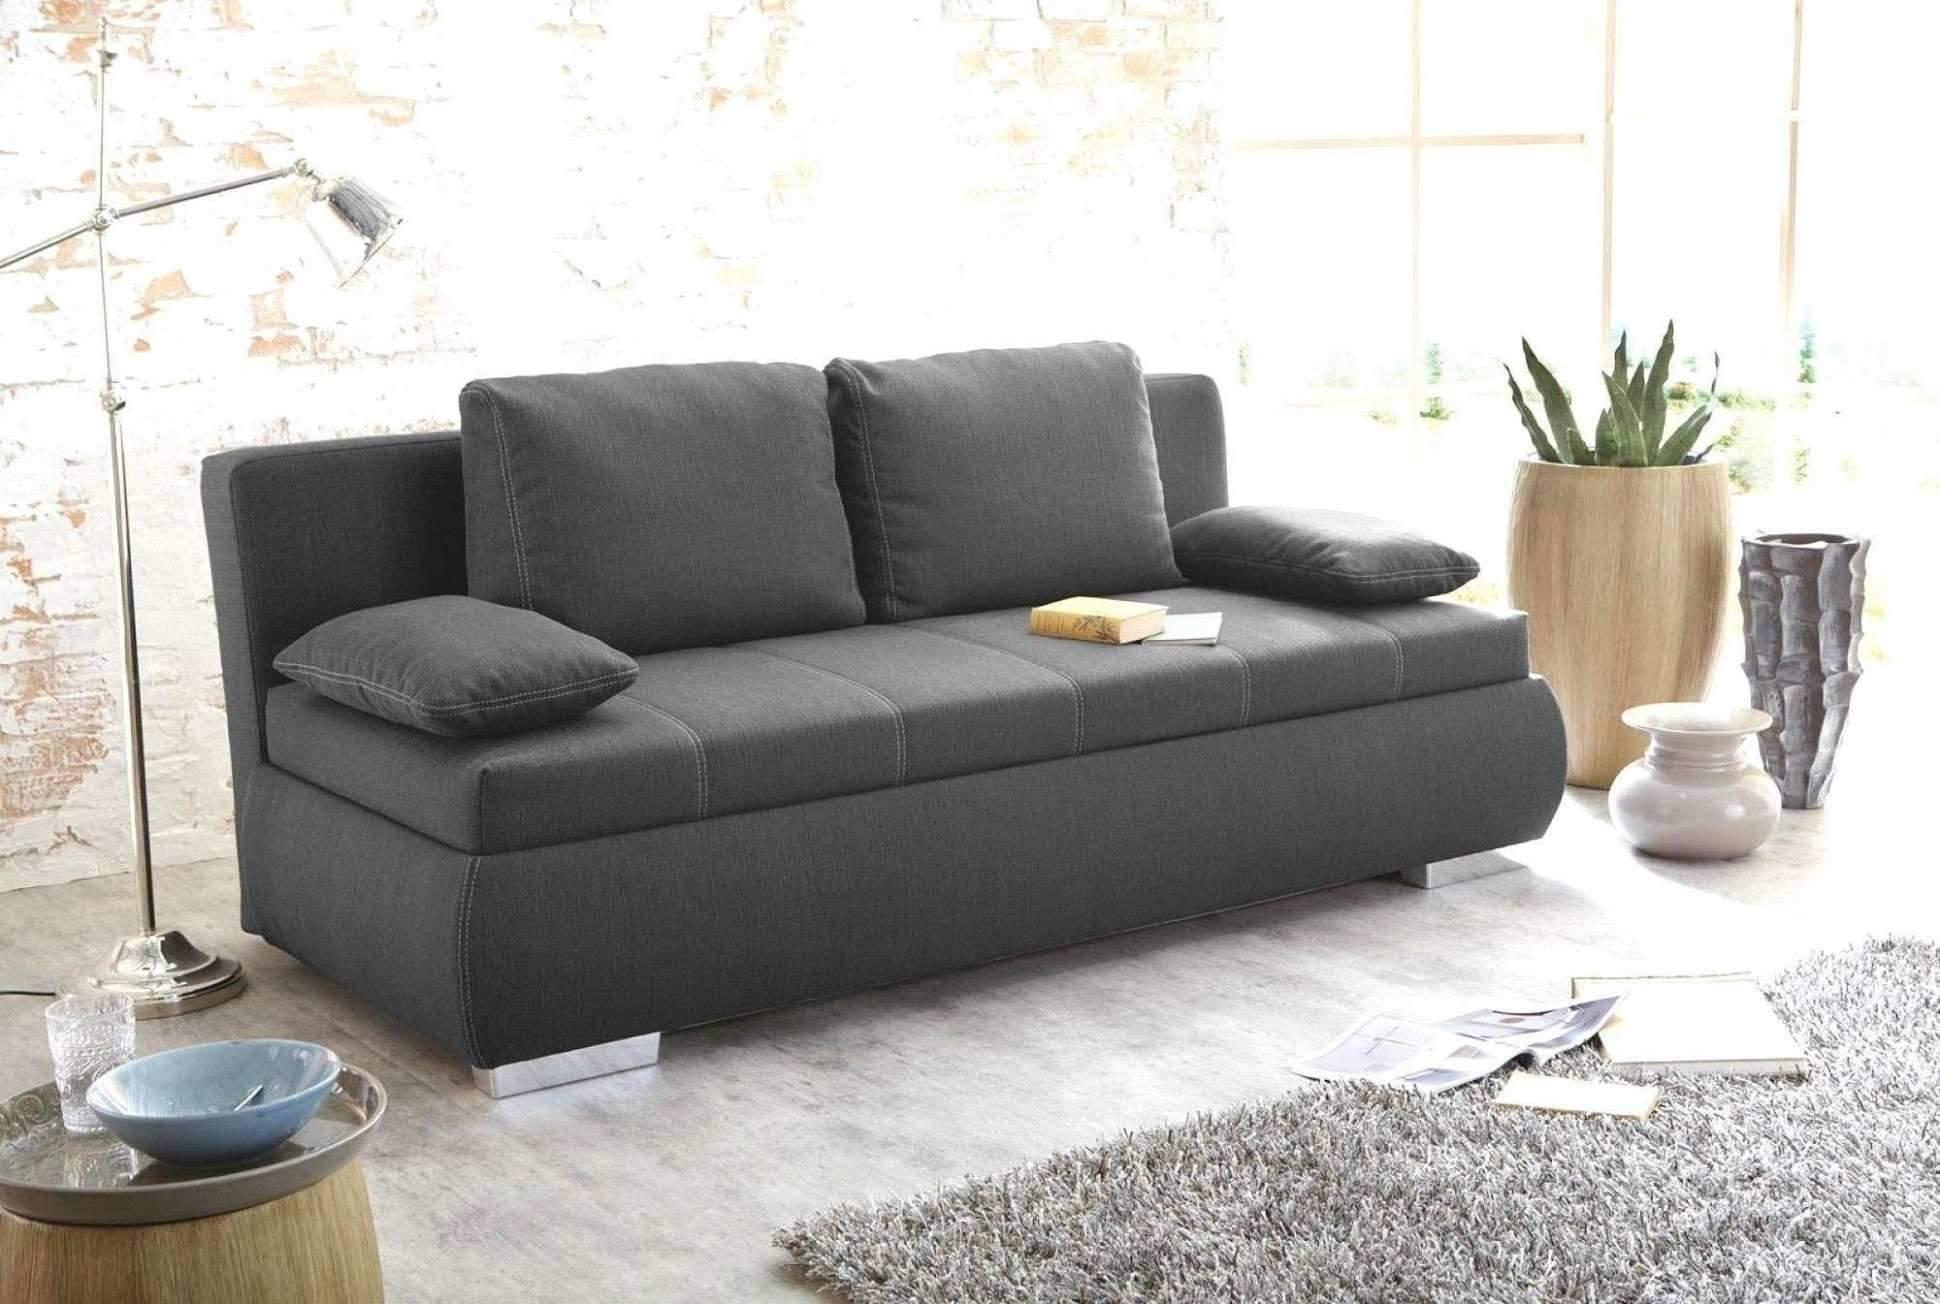 grau grun wohnzimmer genial 50 einzigartig von sofa kaufen gunstig konzept of grau grun wohnzimmer